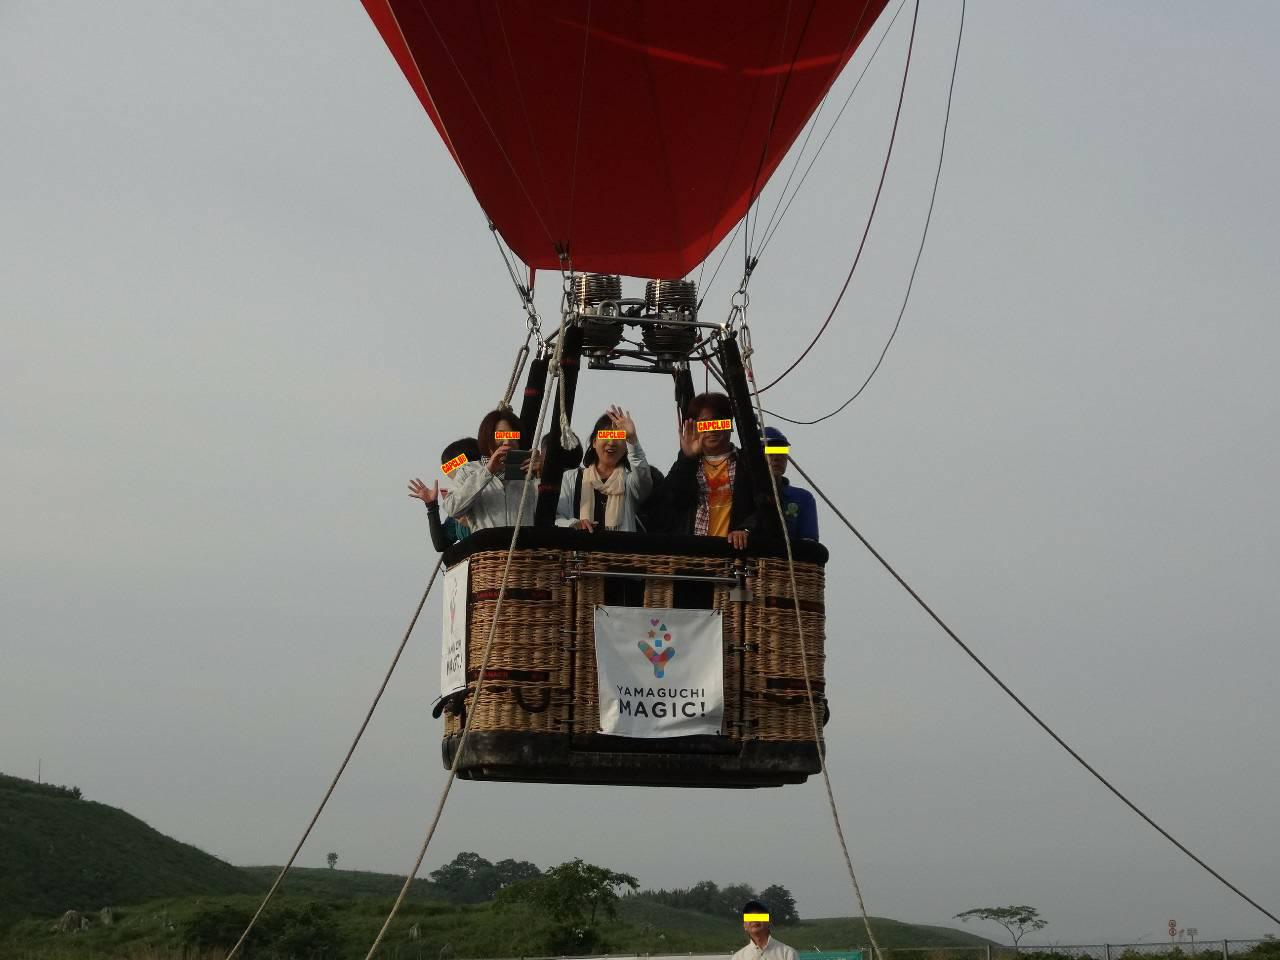 気球に乗って秋吉台の絶景を見よう!_c0150273_23061503.jpg